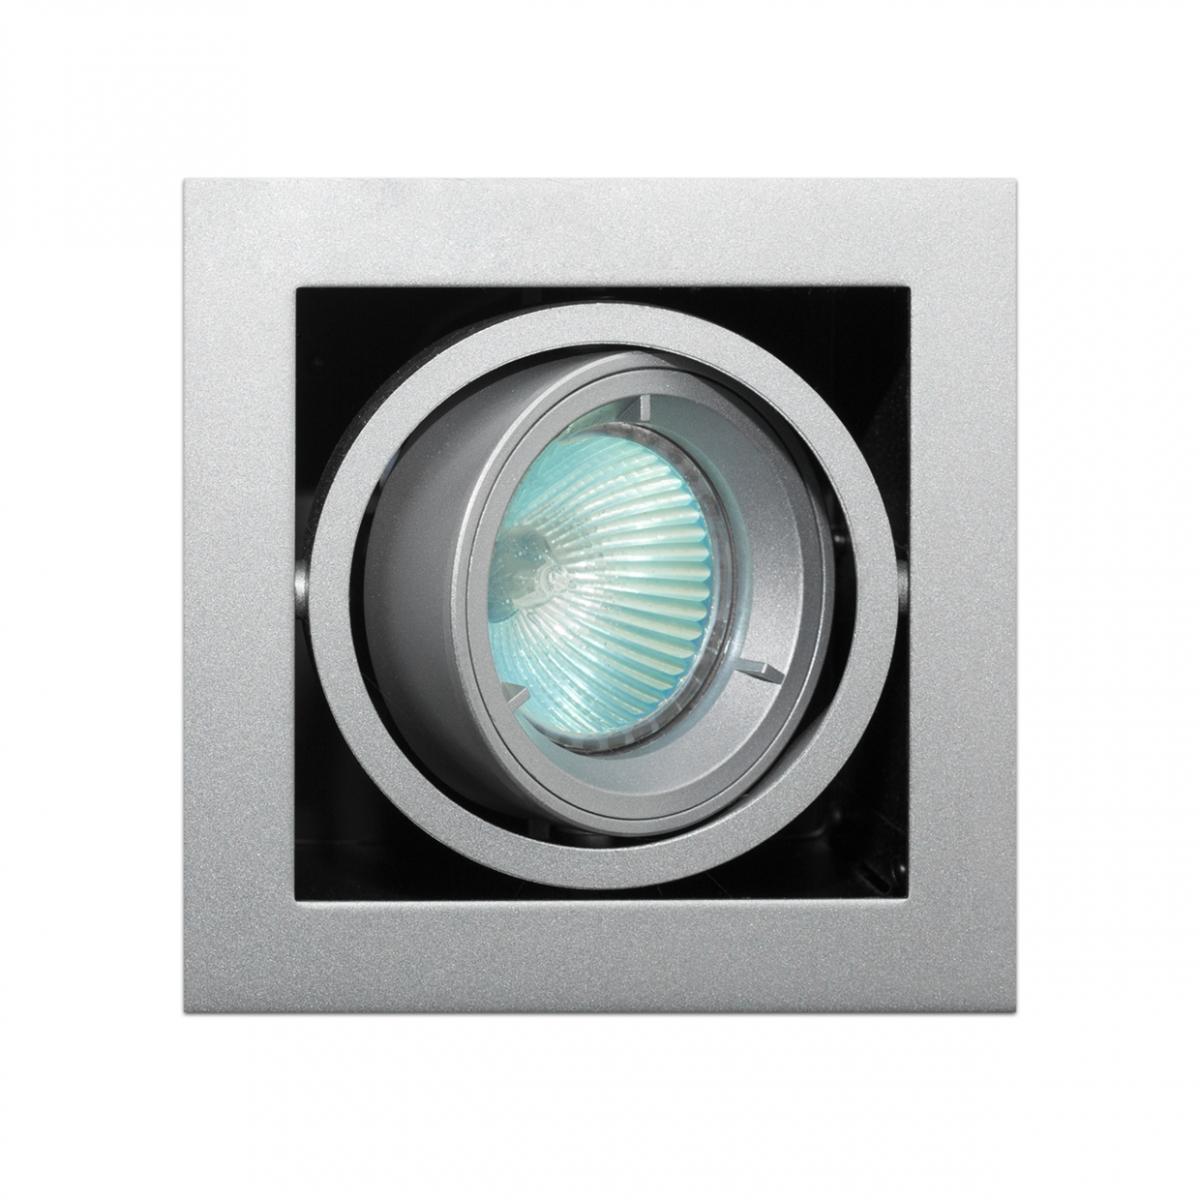 Imagen en la que se ve un foco halógeno